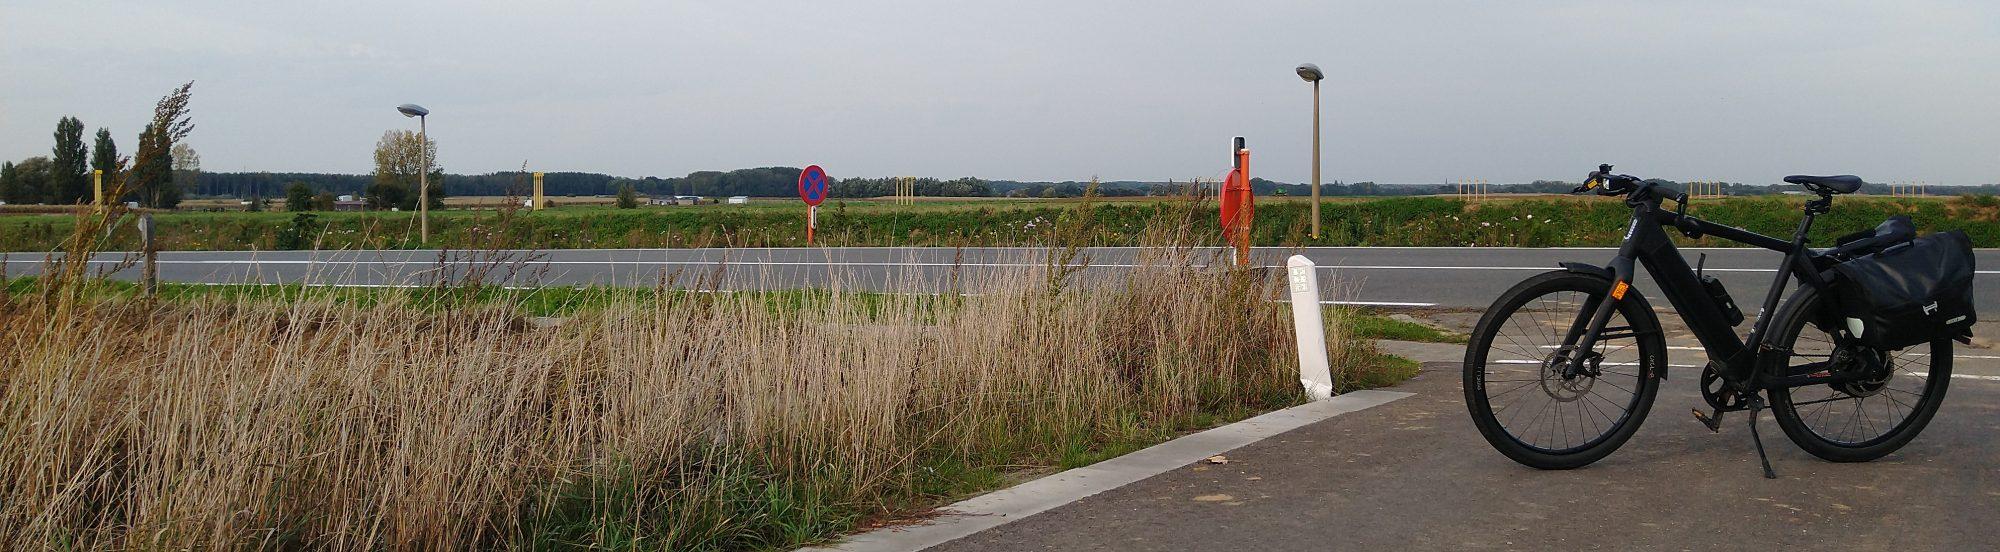 Speed Pedelec Vlaanderen